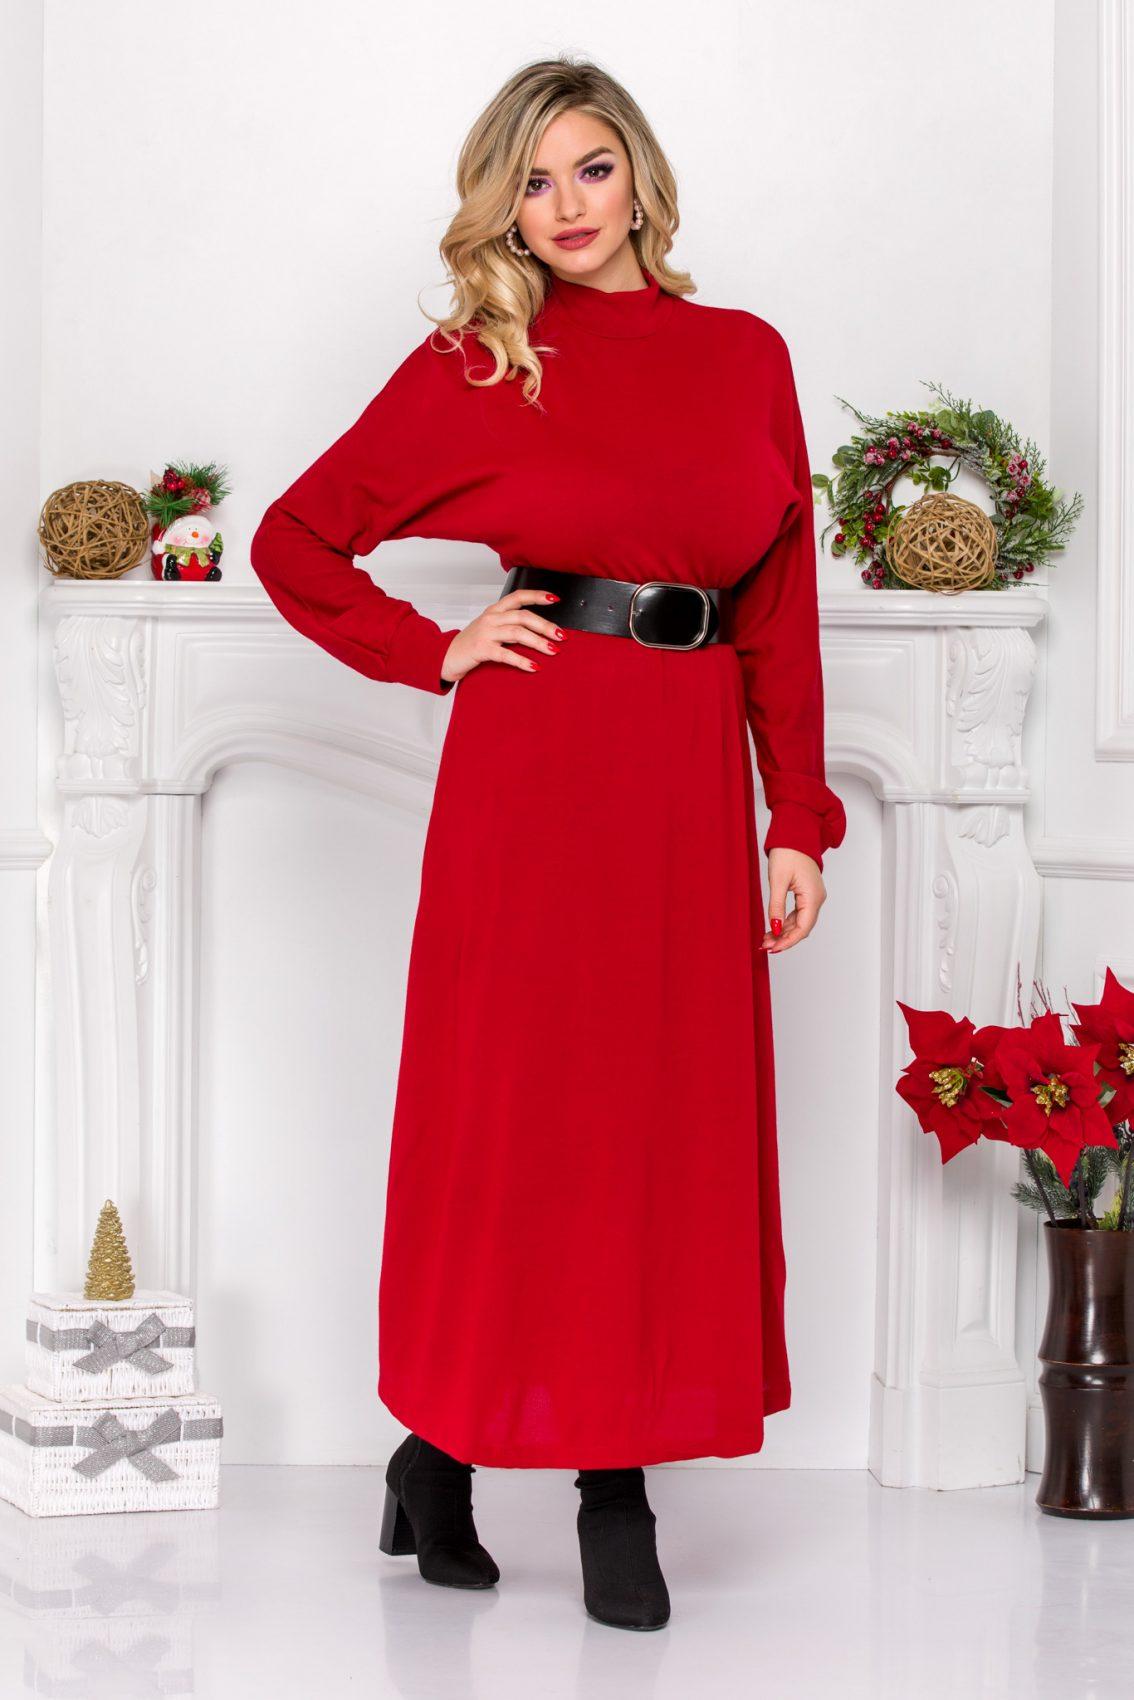 Κόκκινο Πλεκτό Μακρυμάνικο Φόρεμα Irina 9107 2